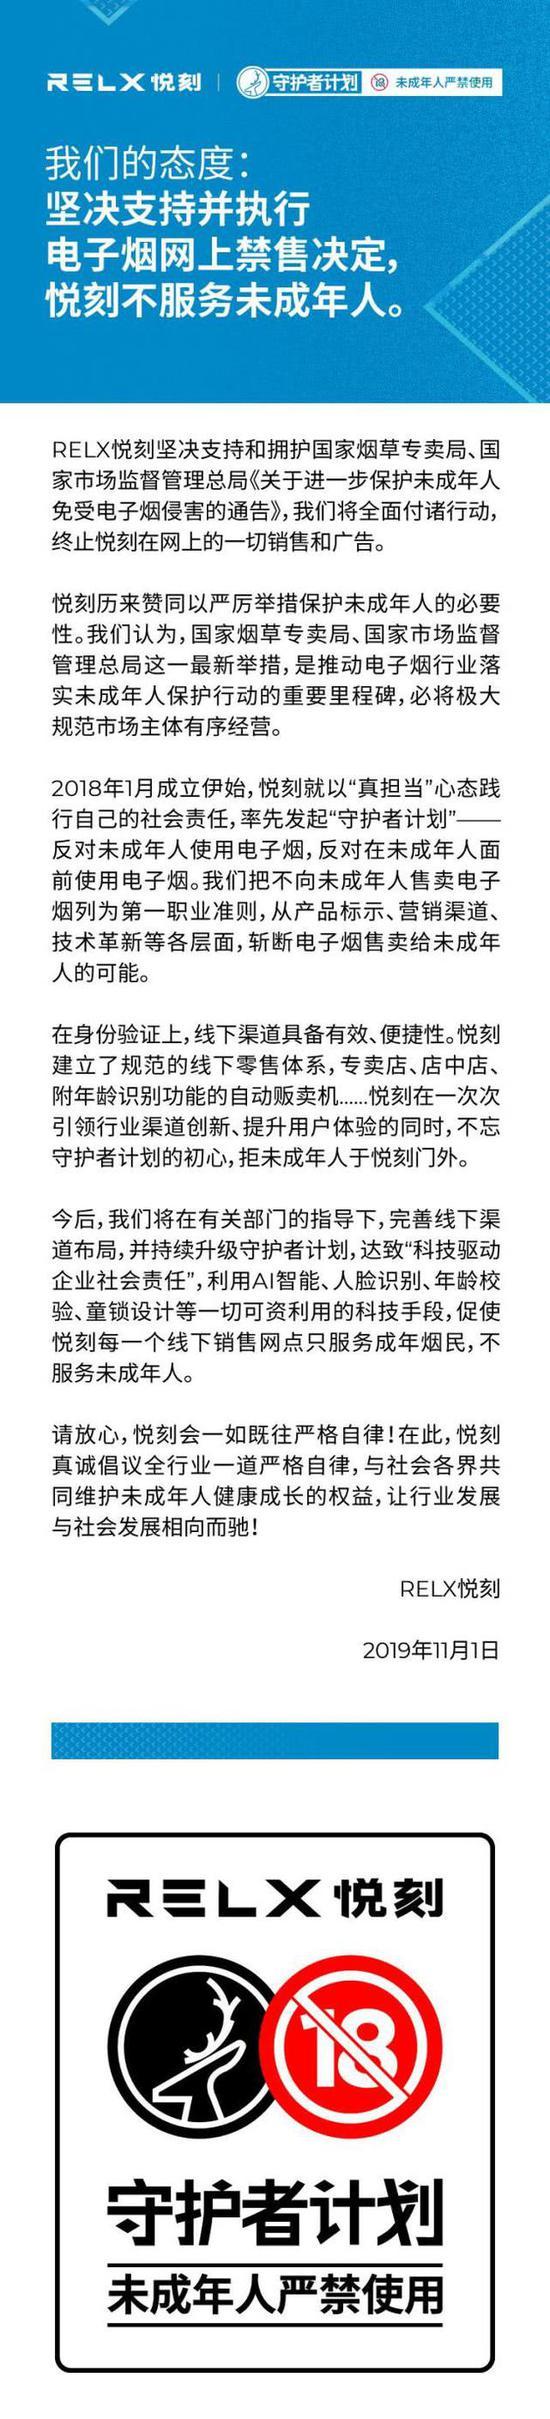 博彩微信群二维码 - 男子强奸00后少女赔偿被害人3万元被谅解 获刑4年